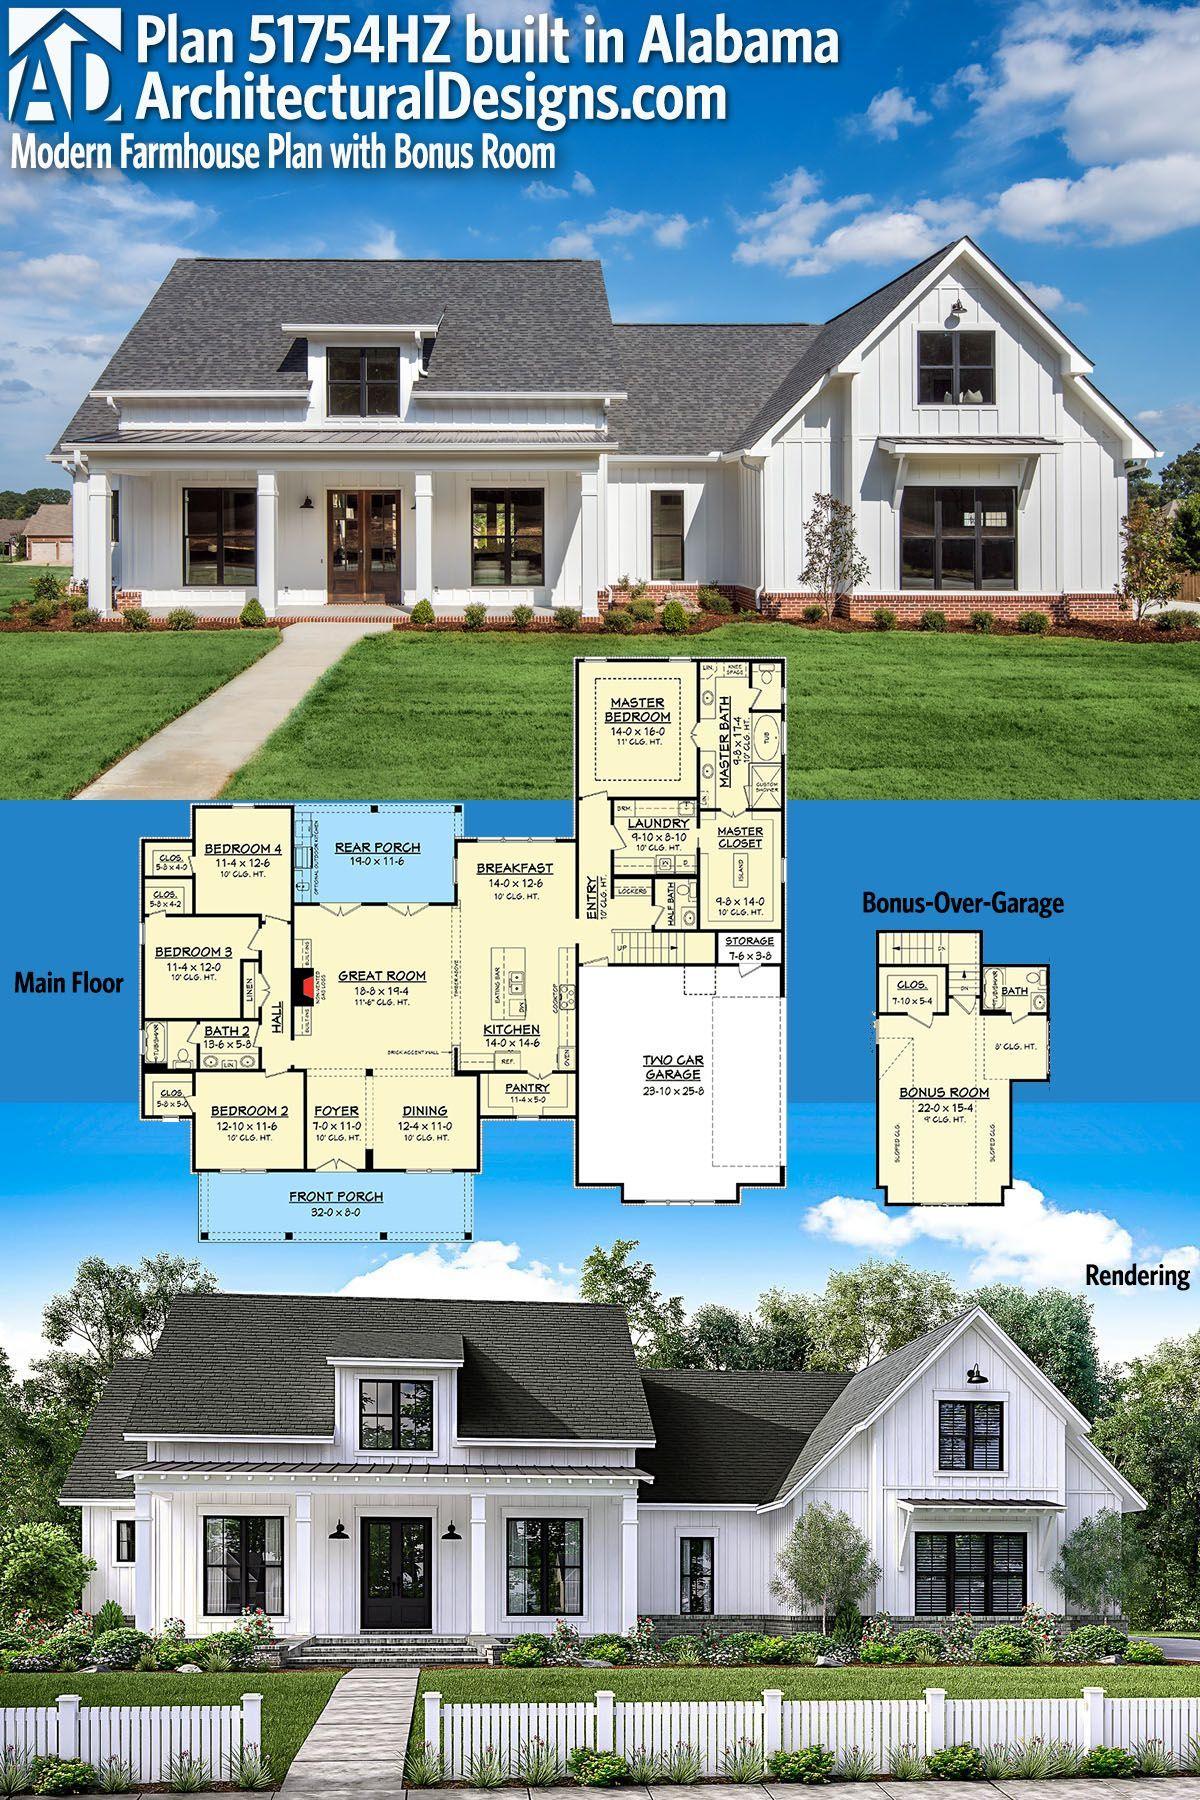 Architectural Designs Modern Farmhouse Plan 51754HZ was